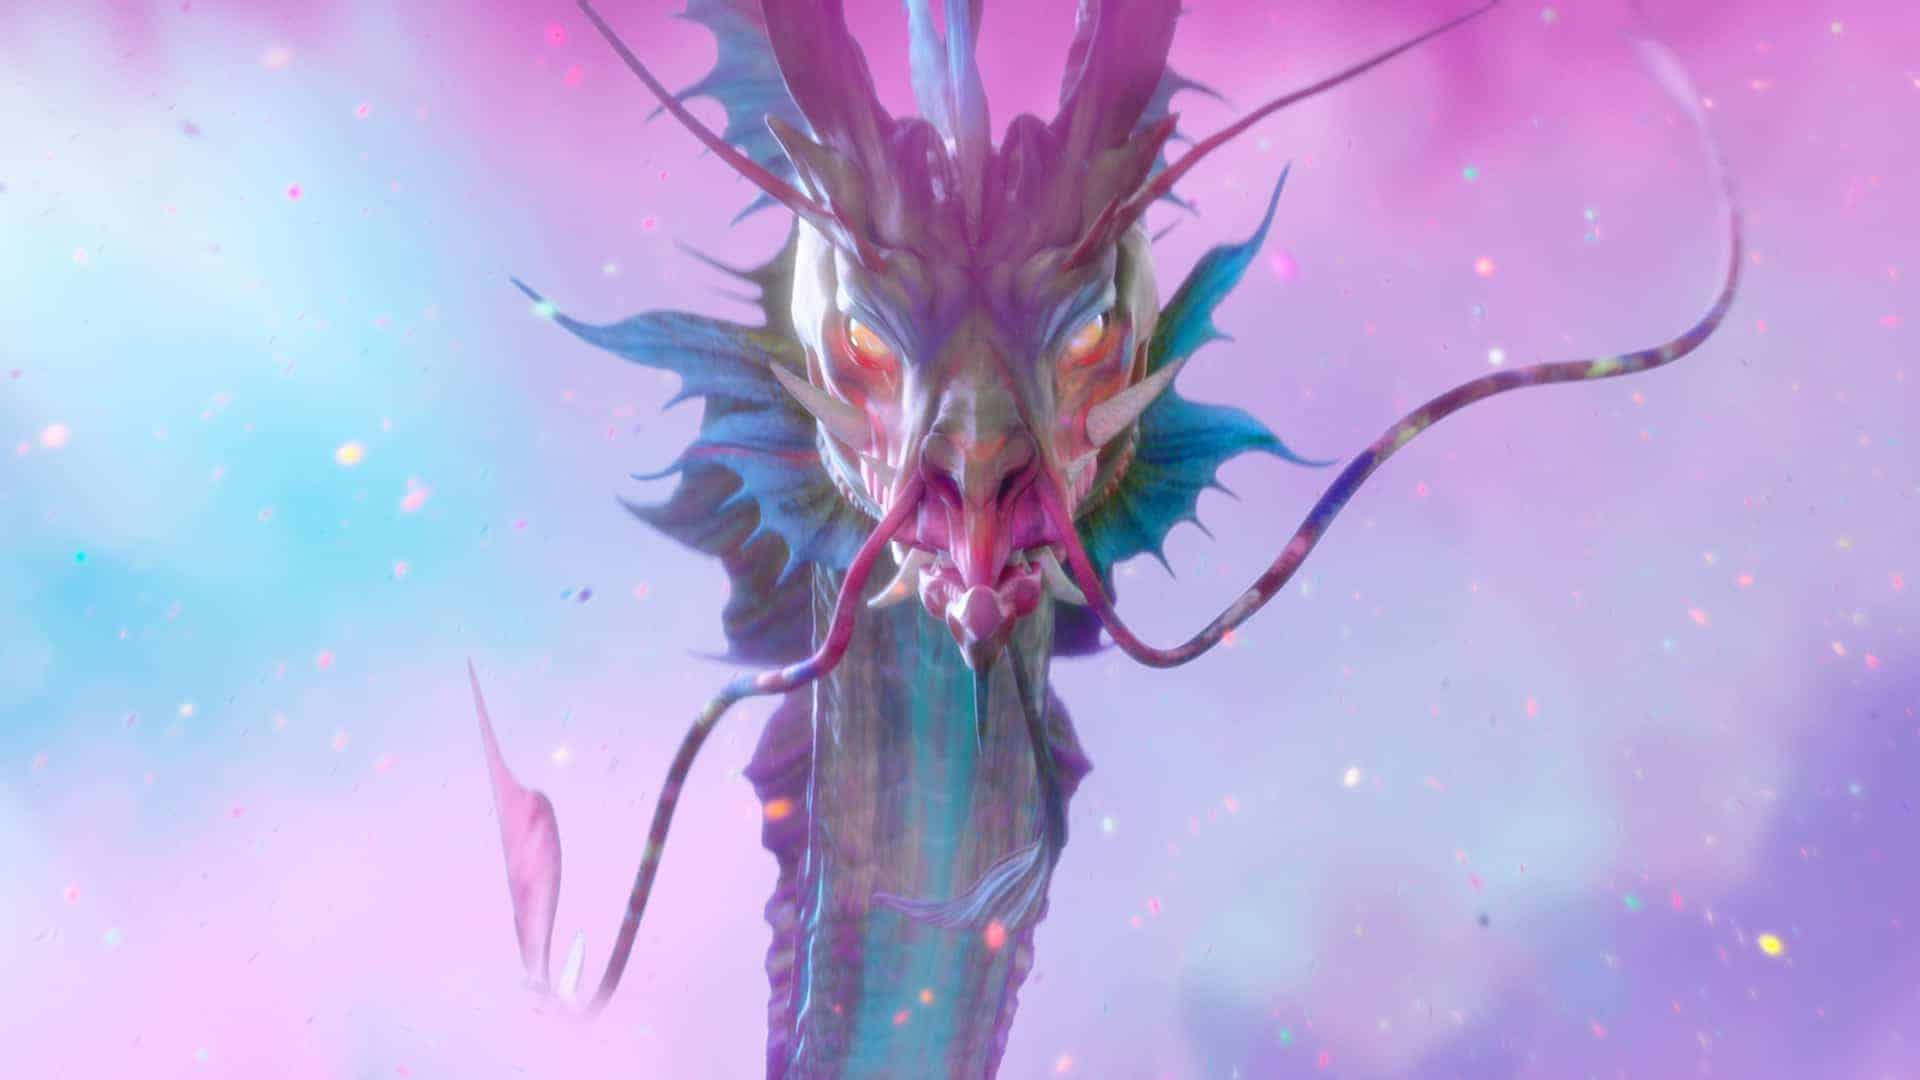 Guild Wars 2: End of Dragons Trailer 3